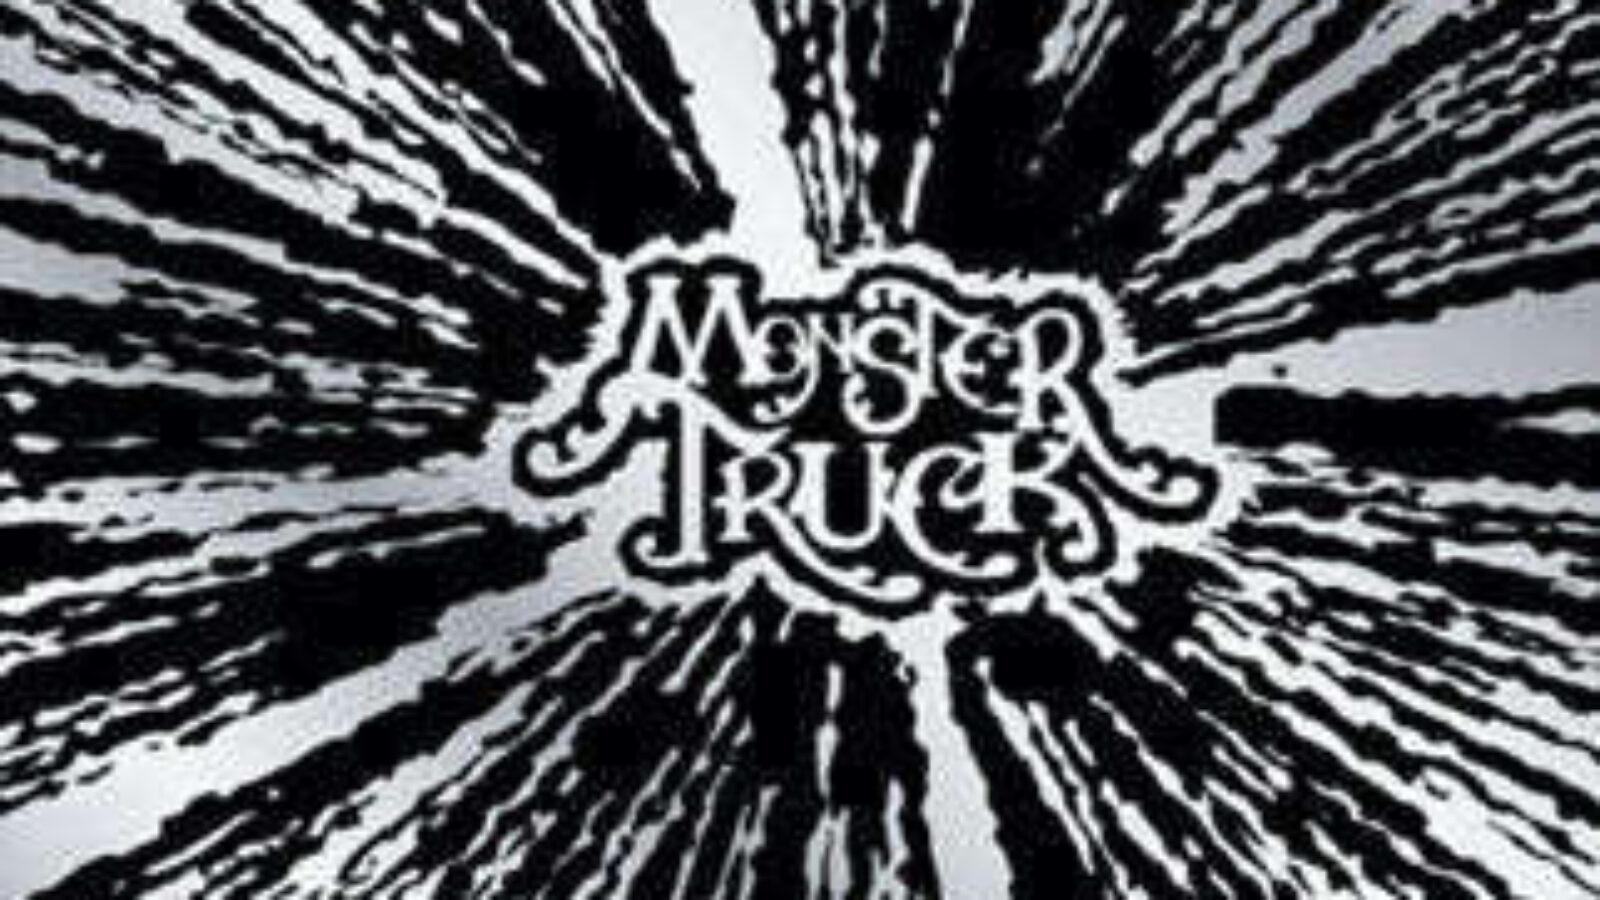 MONSTER TRUCK – Furiosity